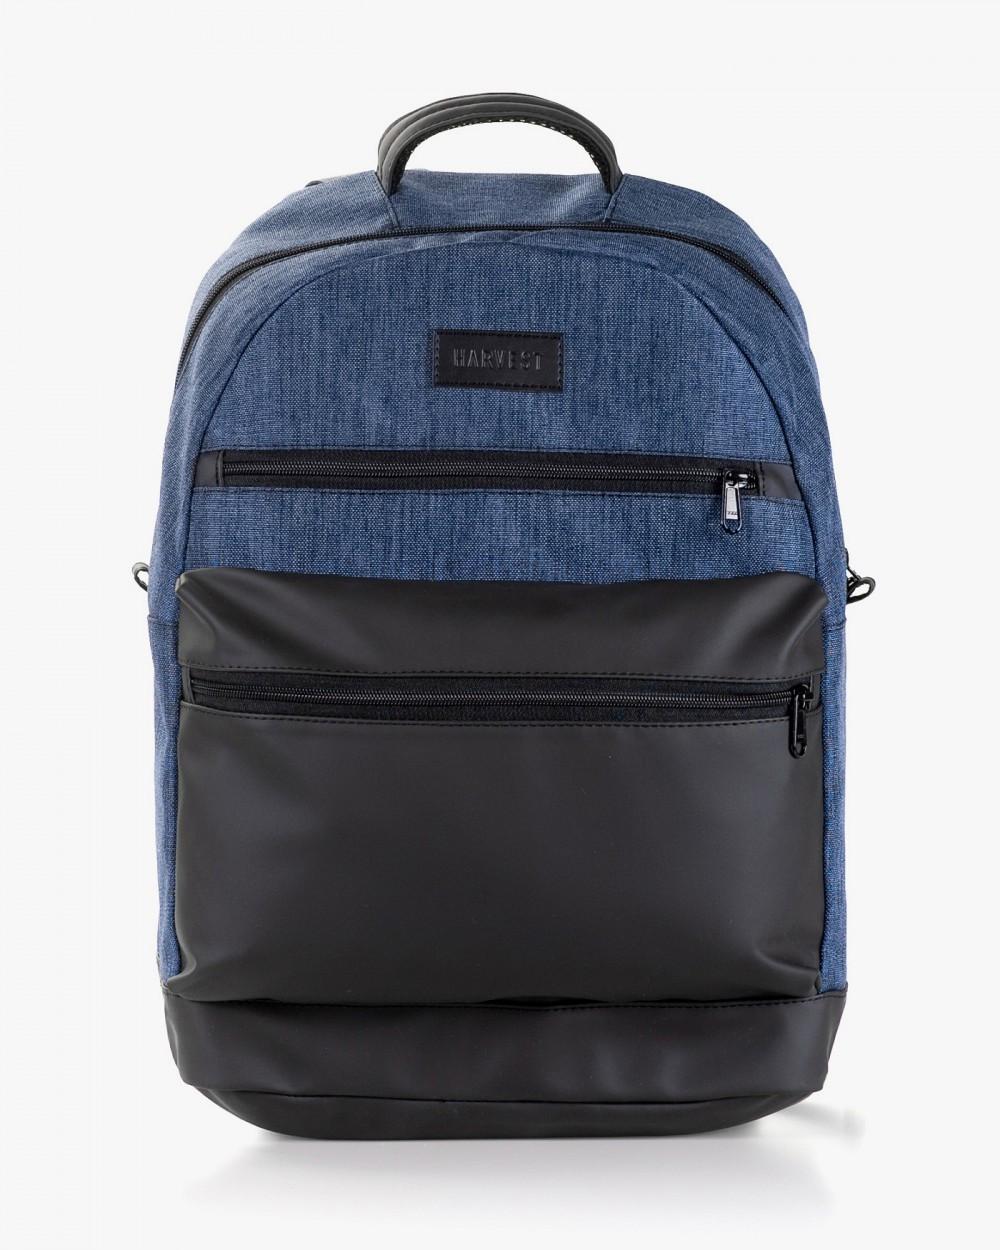 """Мужской рюкзак """"ORDINARY """" синий, черный, на 21л, сумка для ноутбука, спортивный, повседневный,для путешествий"""